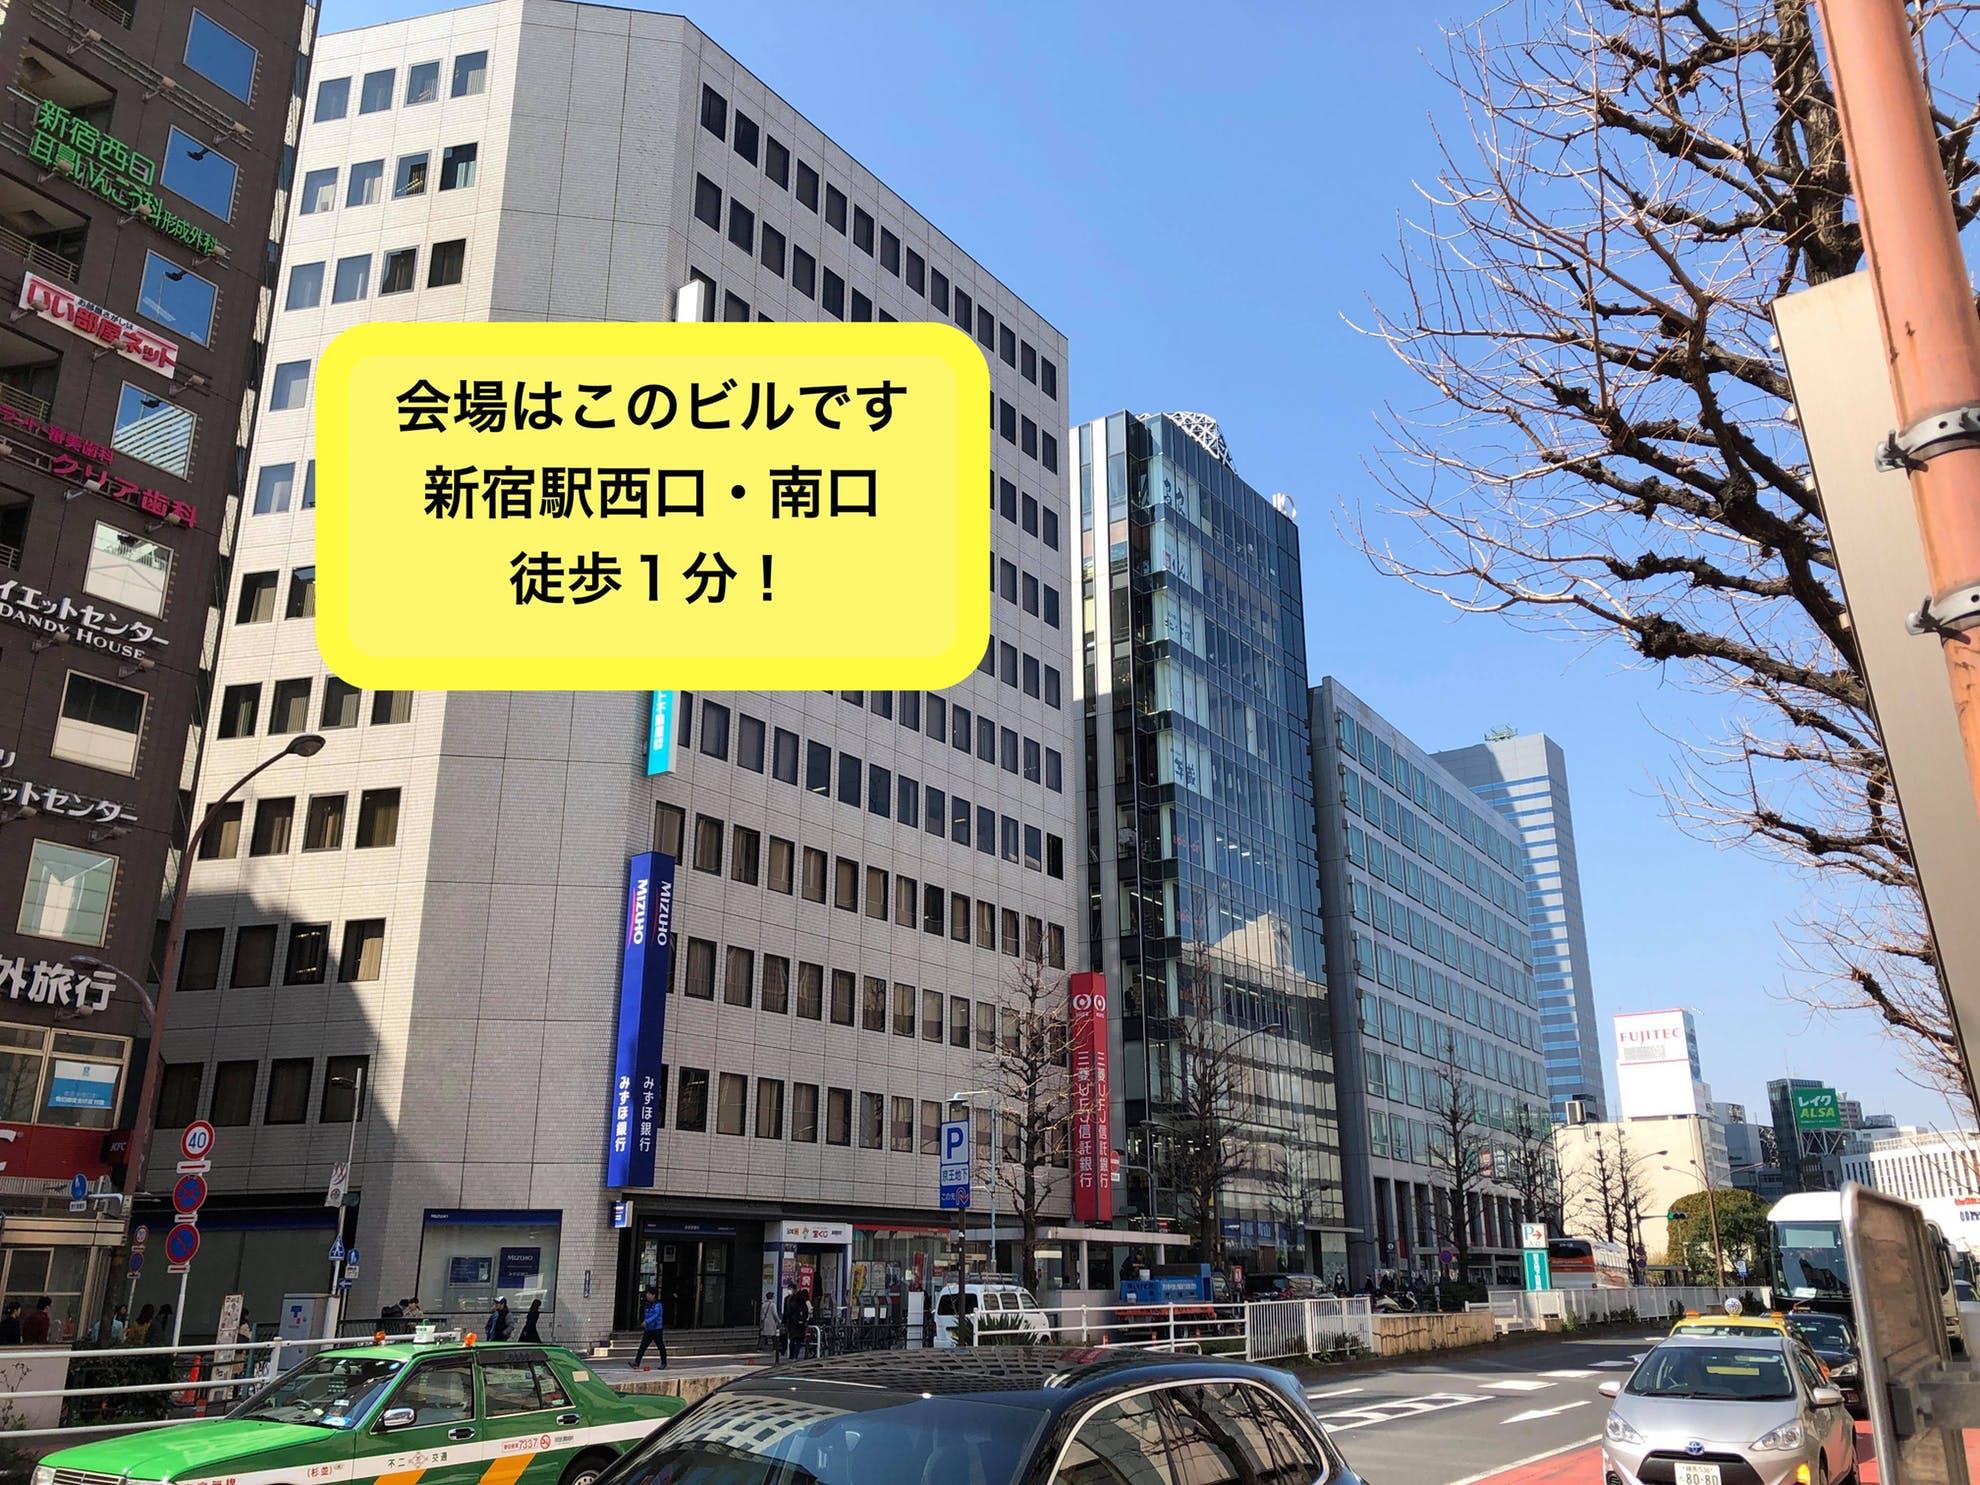 12/17ニーズマッチ・ラーニング支部 第24回月例会